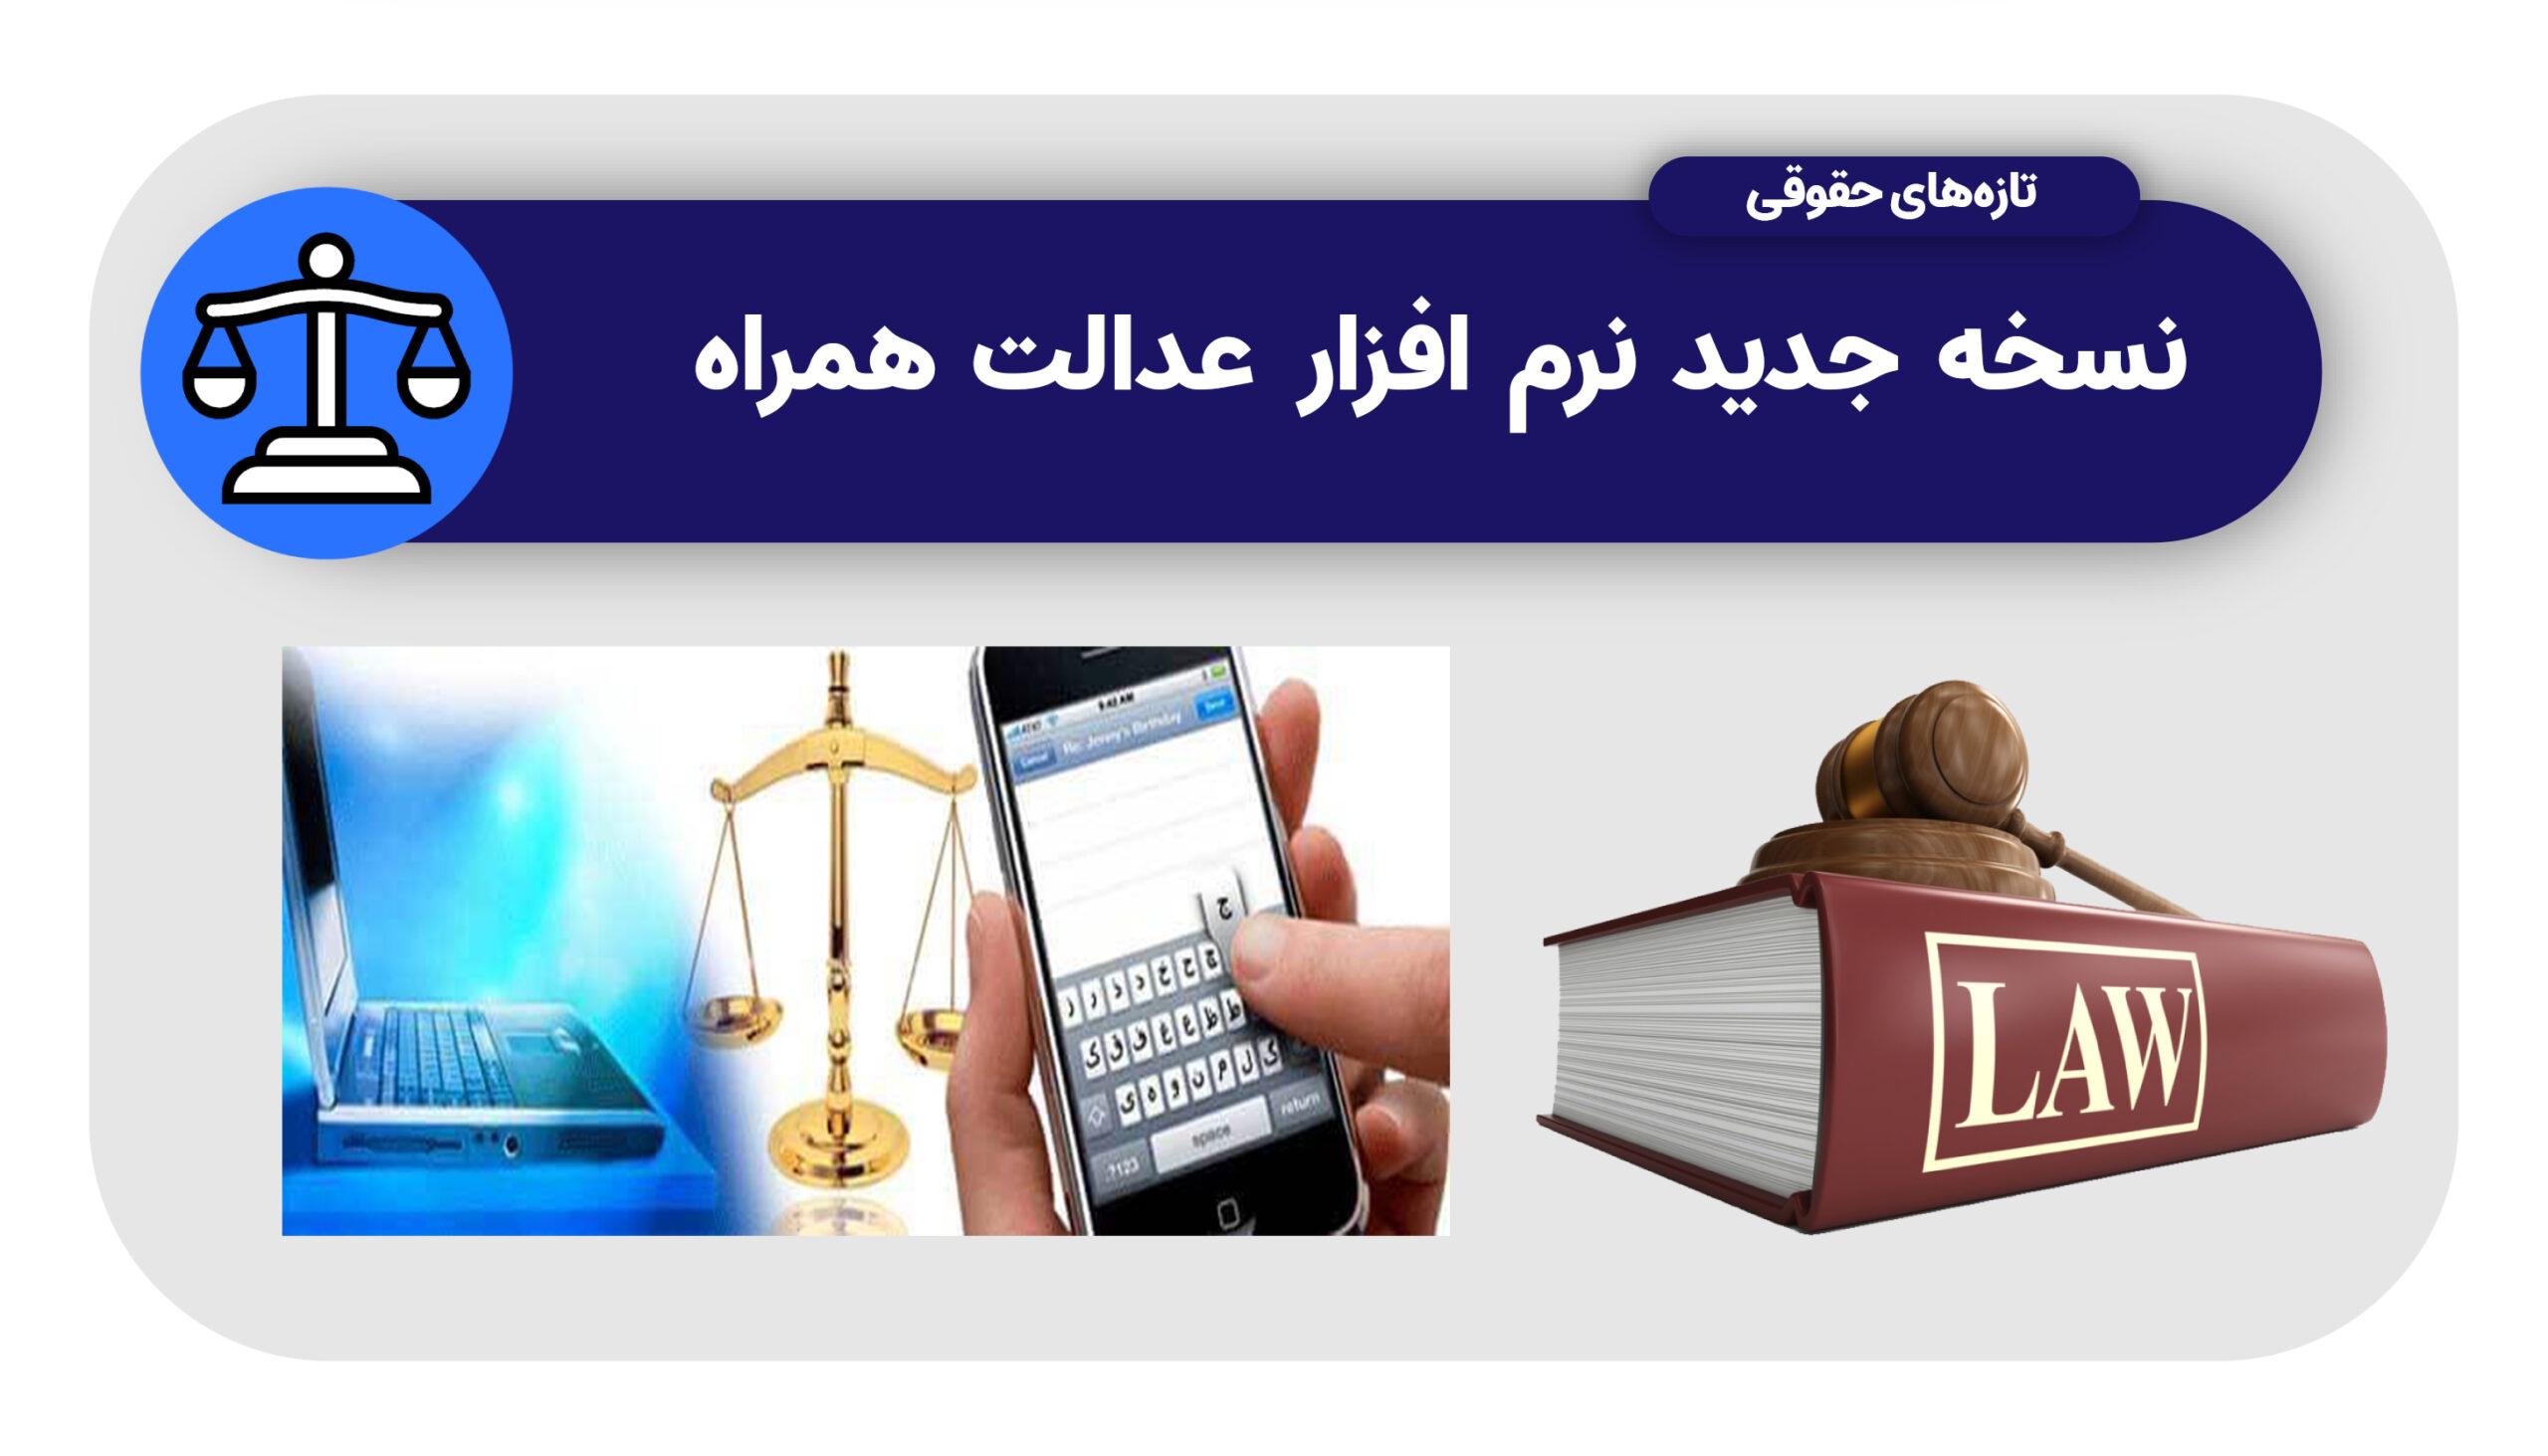 نسخه جدید نرم افزار عدالت همراه